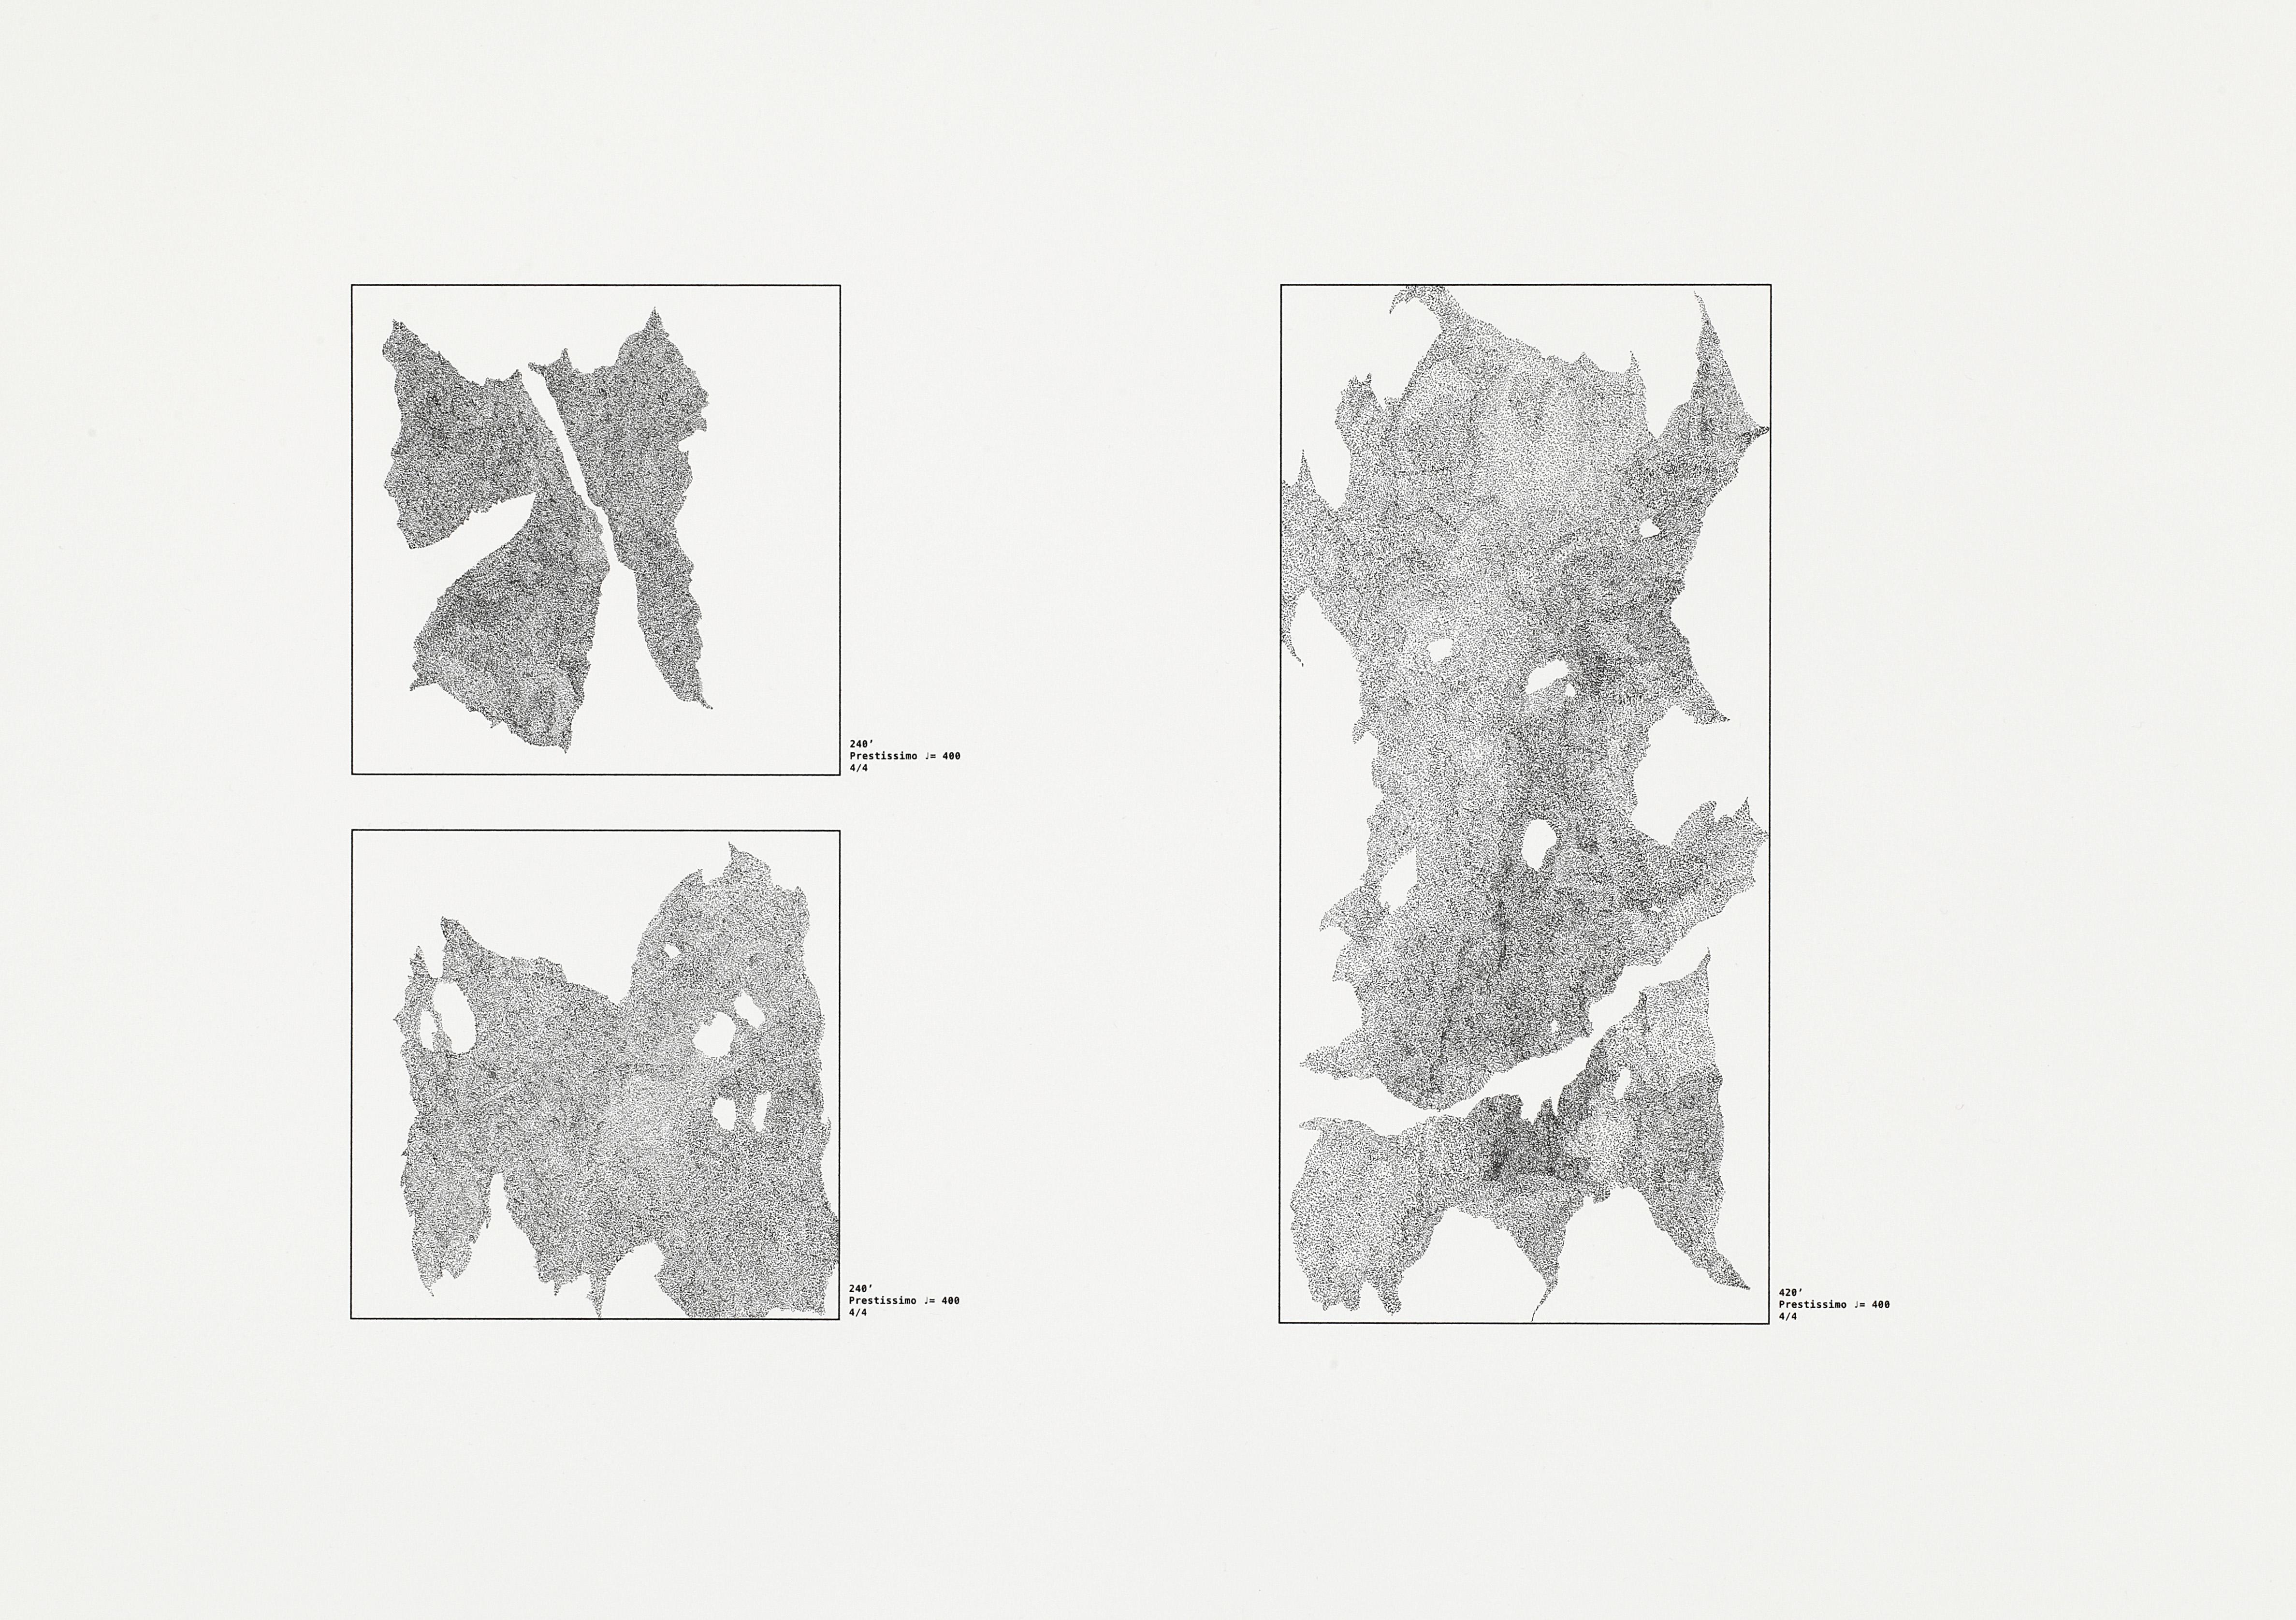 dessin_au_métronome_protocol 2, feutre pigmentaire et métronome sur papier cotton, 31cm×41cm, 2016